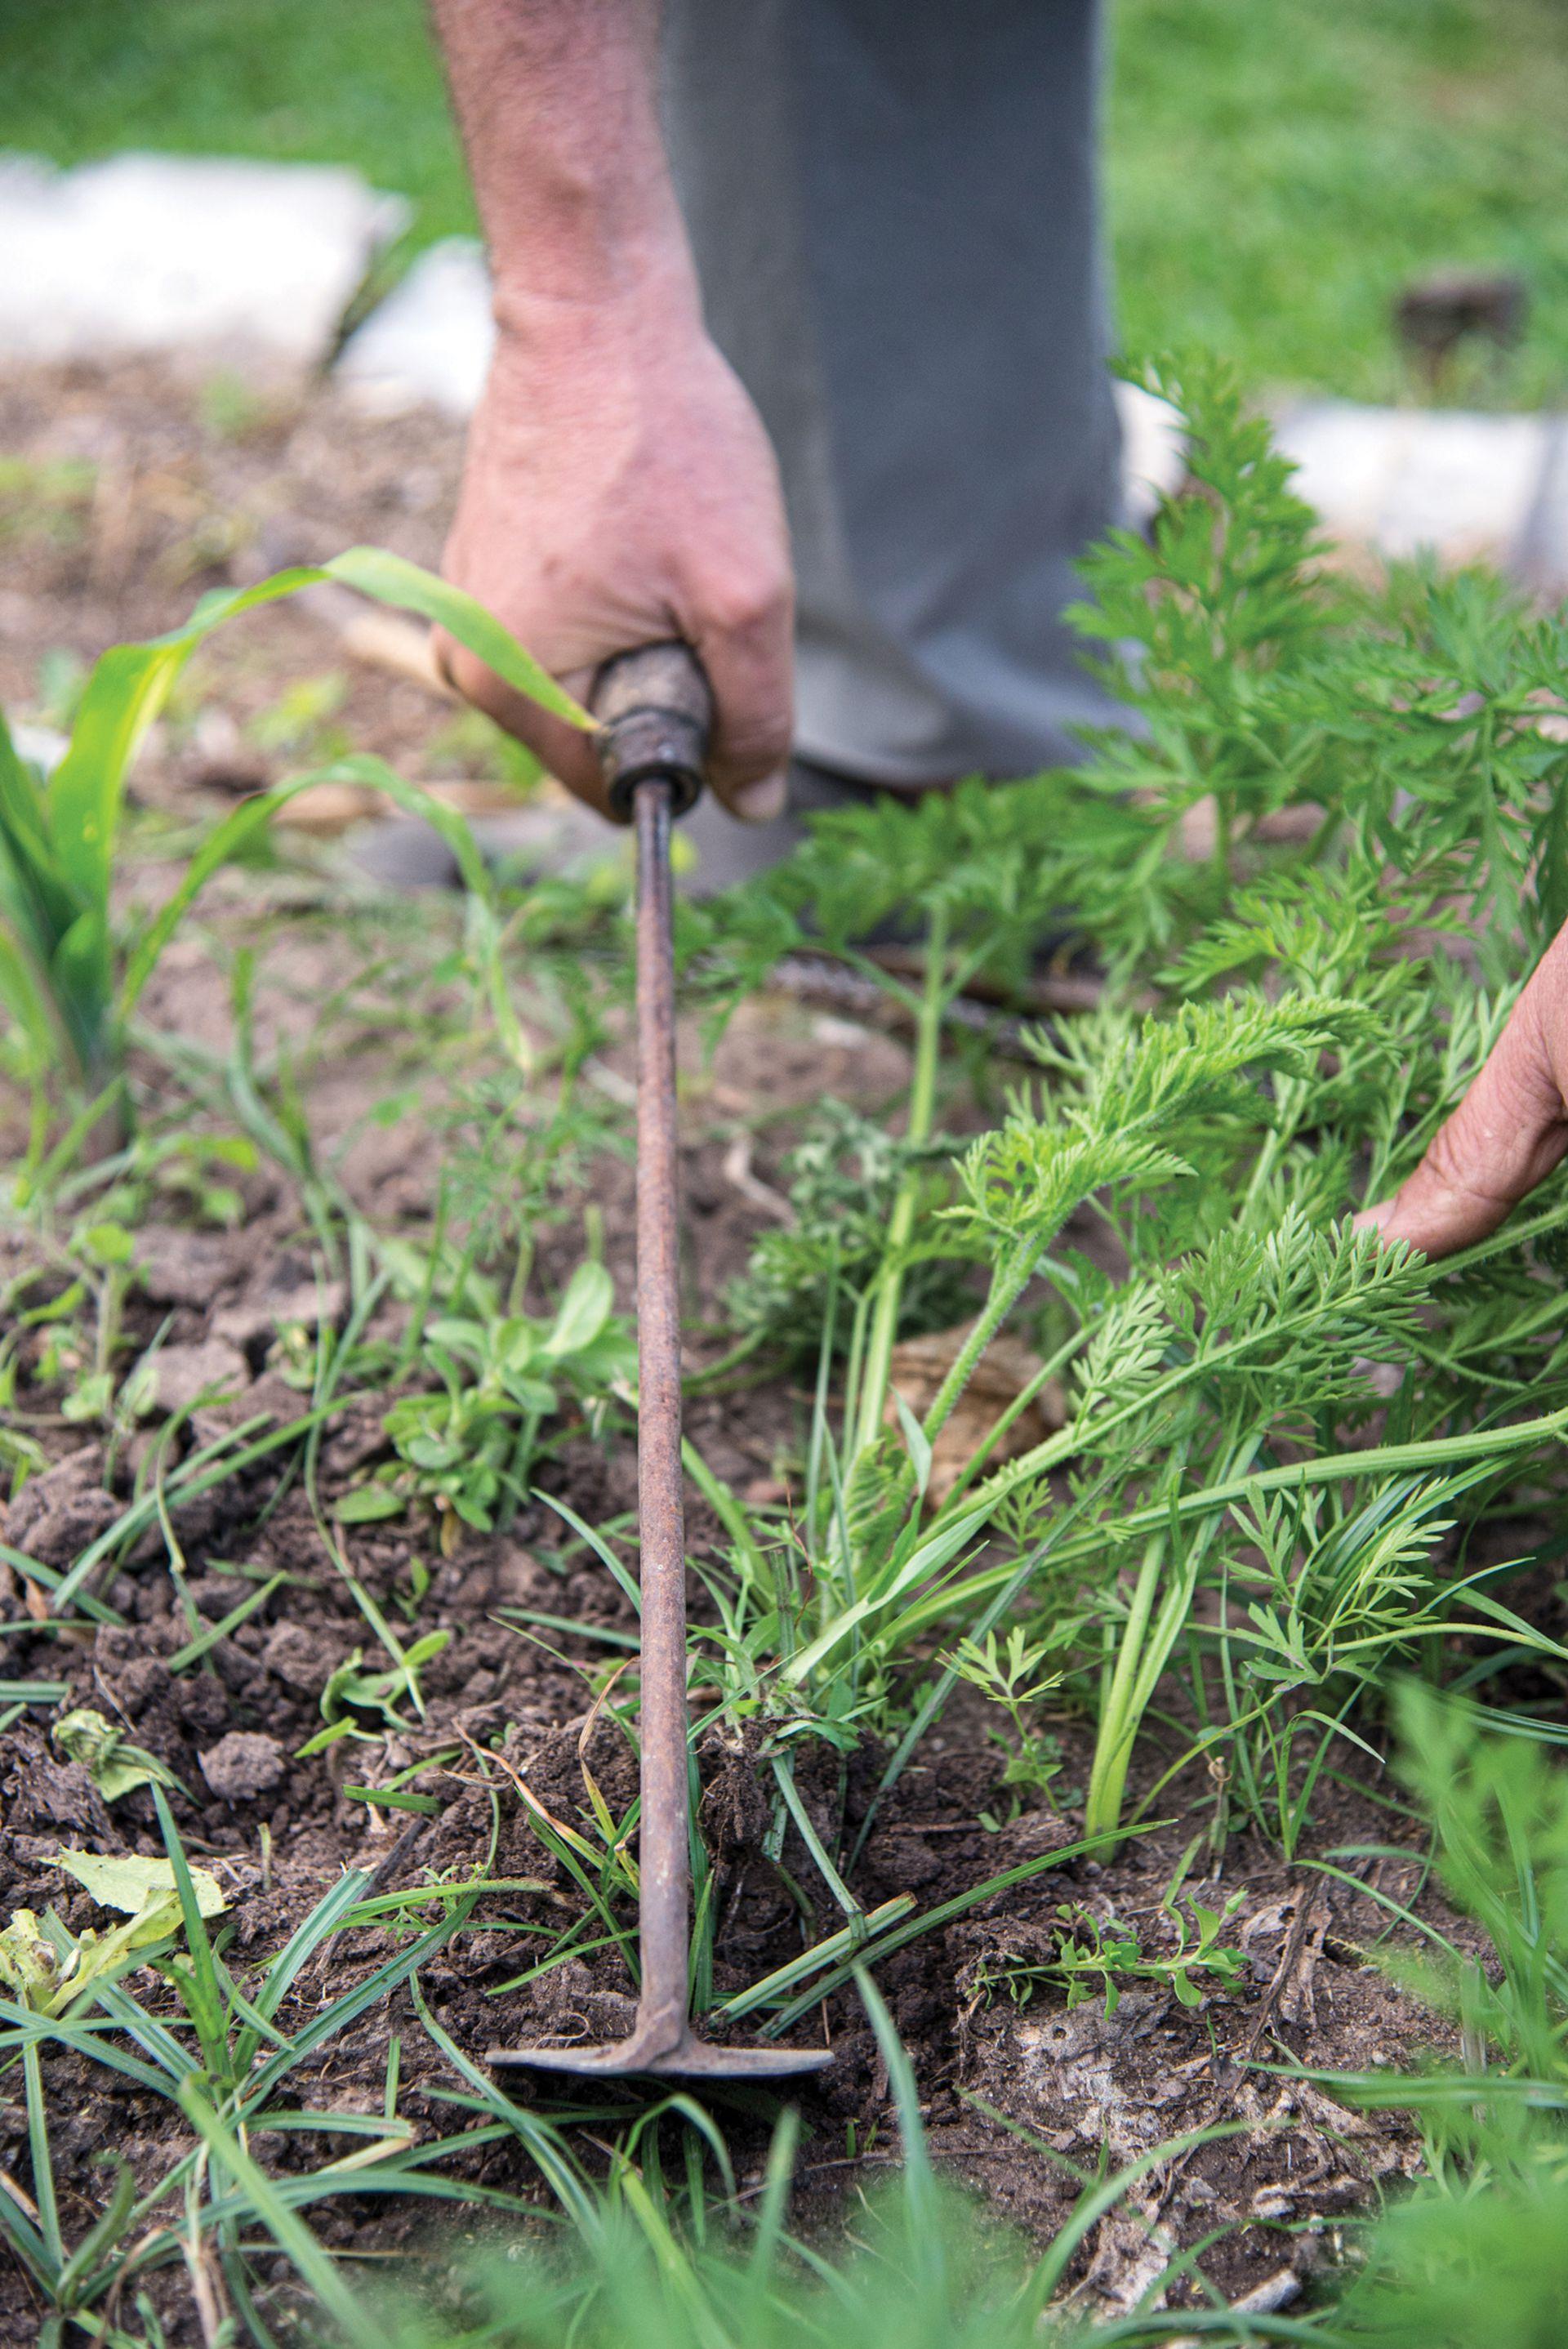 El suelo de la huerta también necesita que, con una azada, se airee de manera superficial.